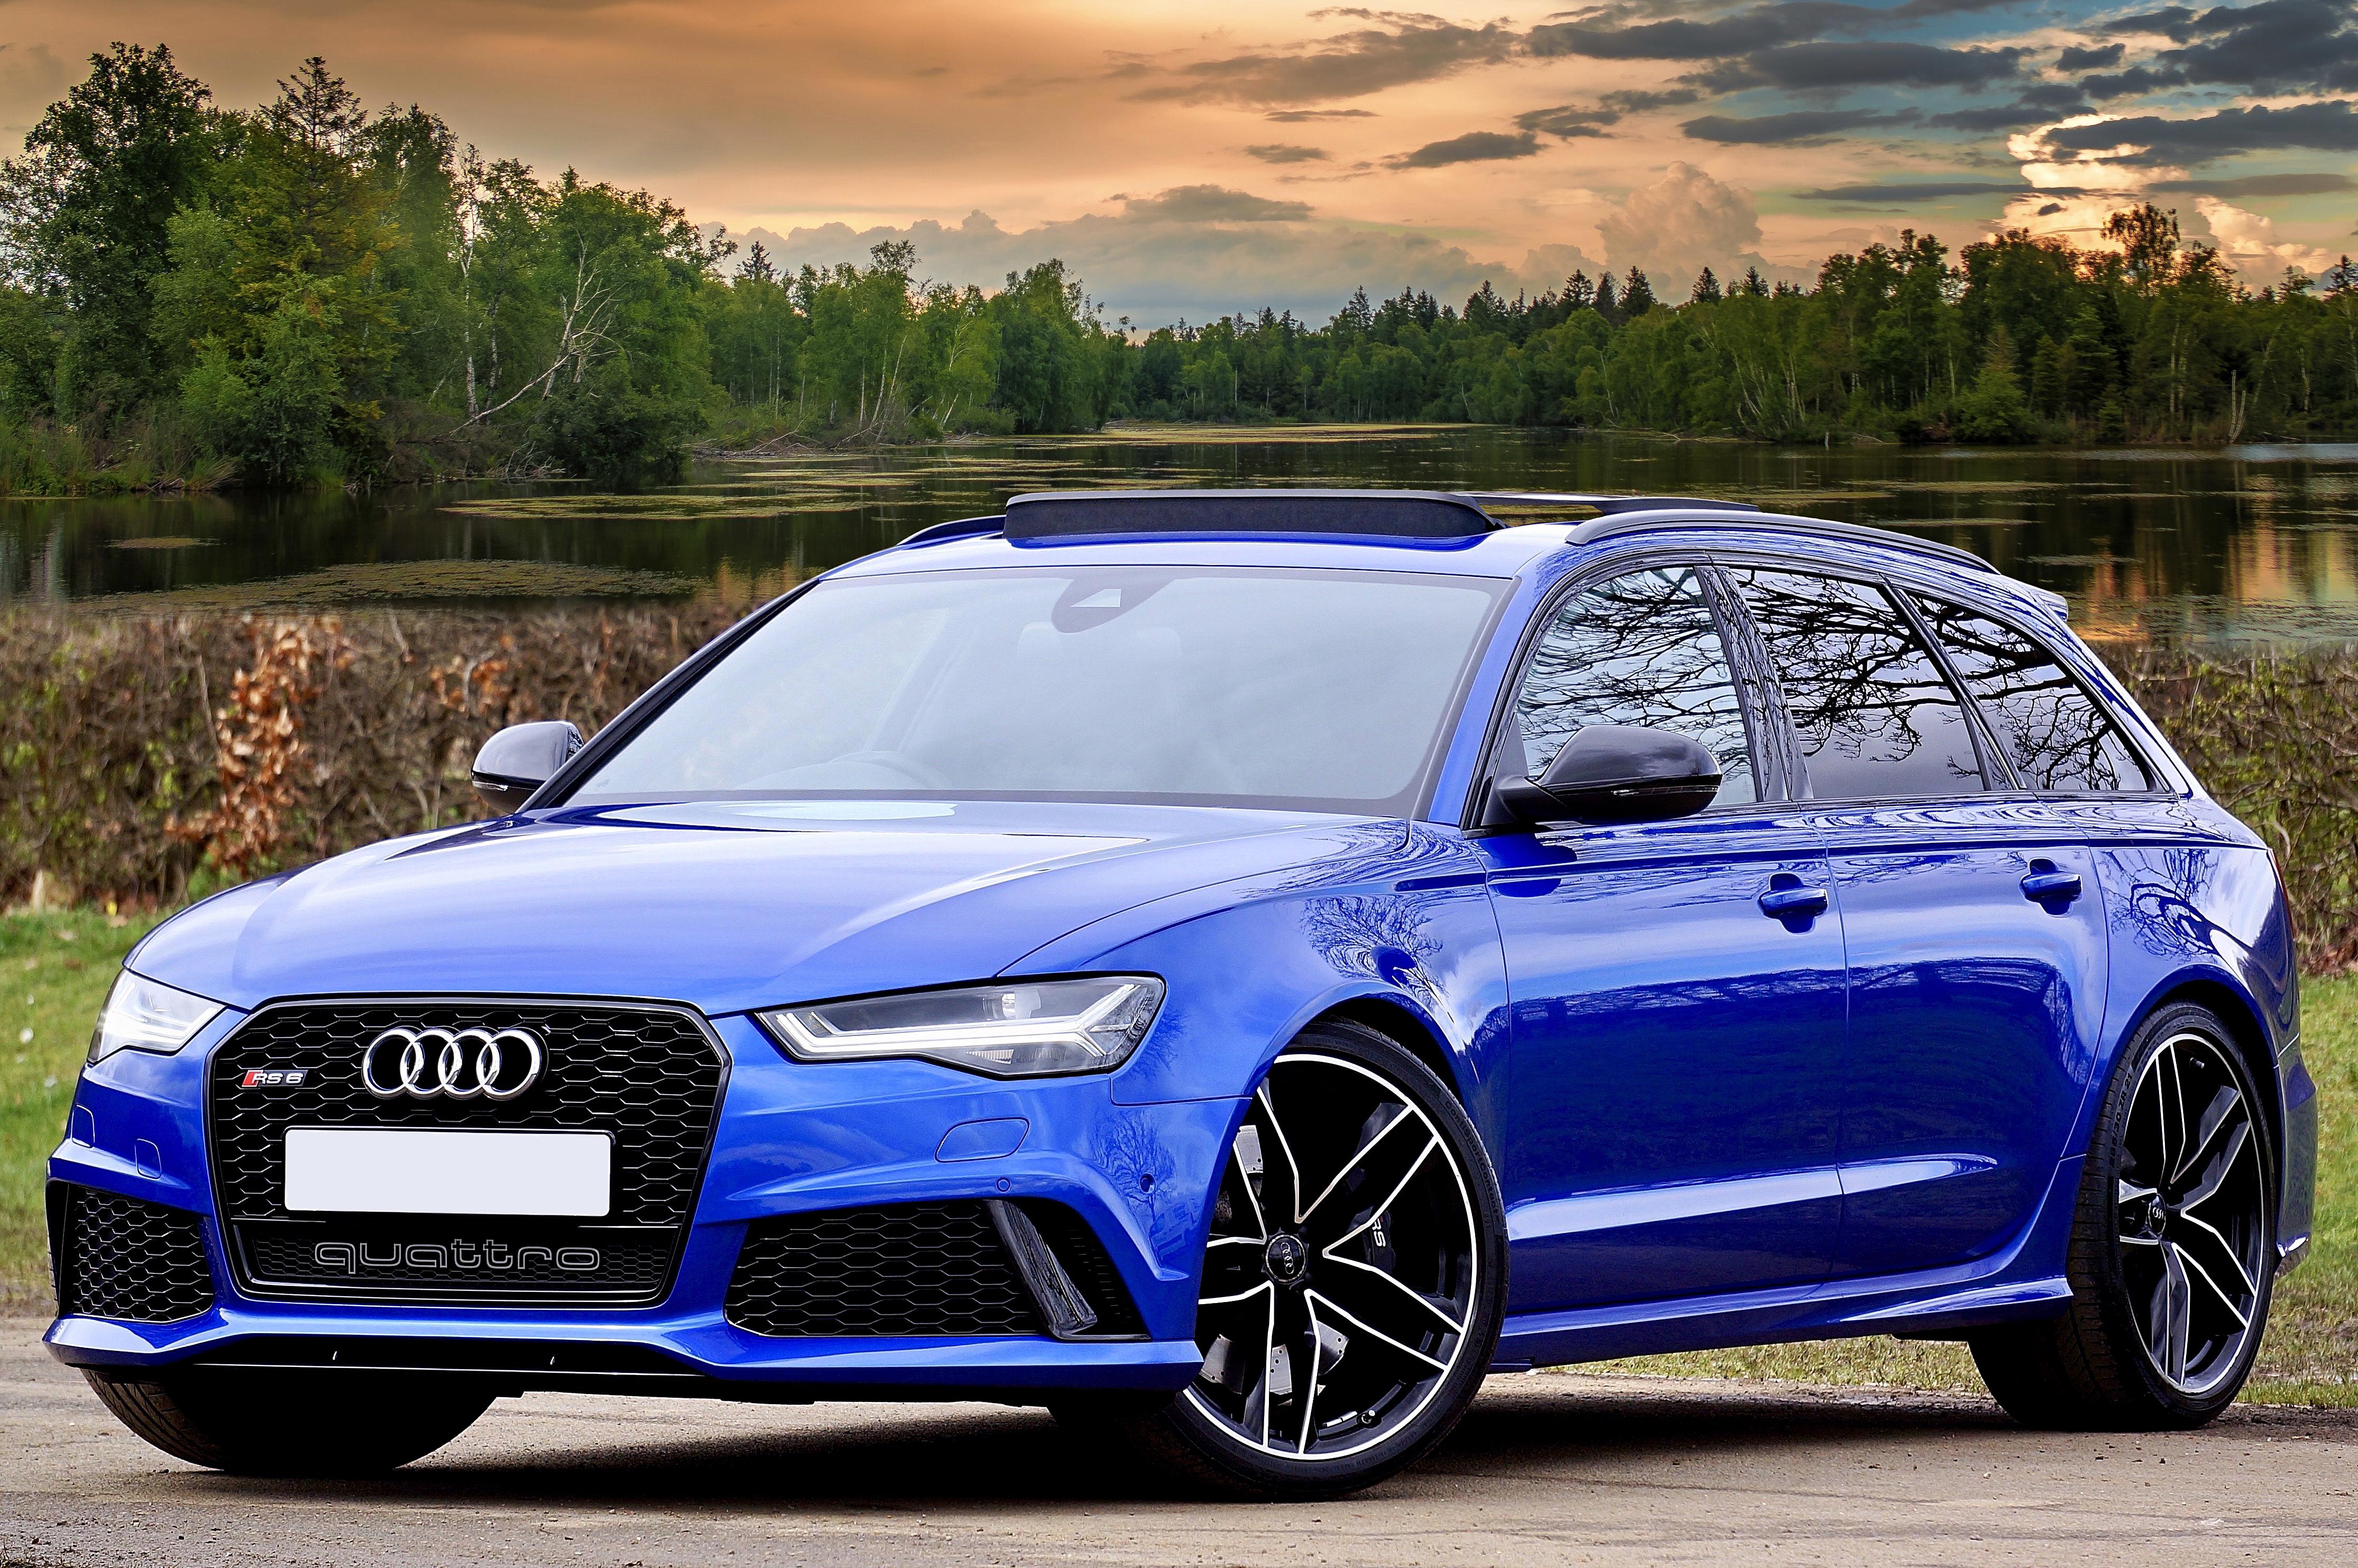 Audi Car Photos , HD Wallpaper & Backgrounds